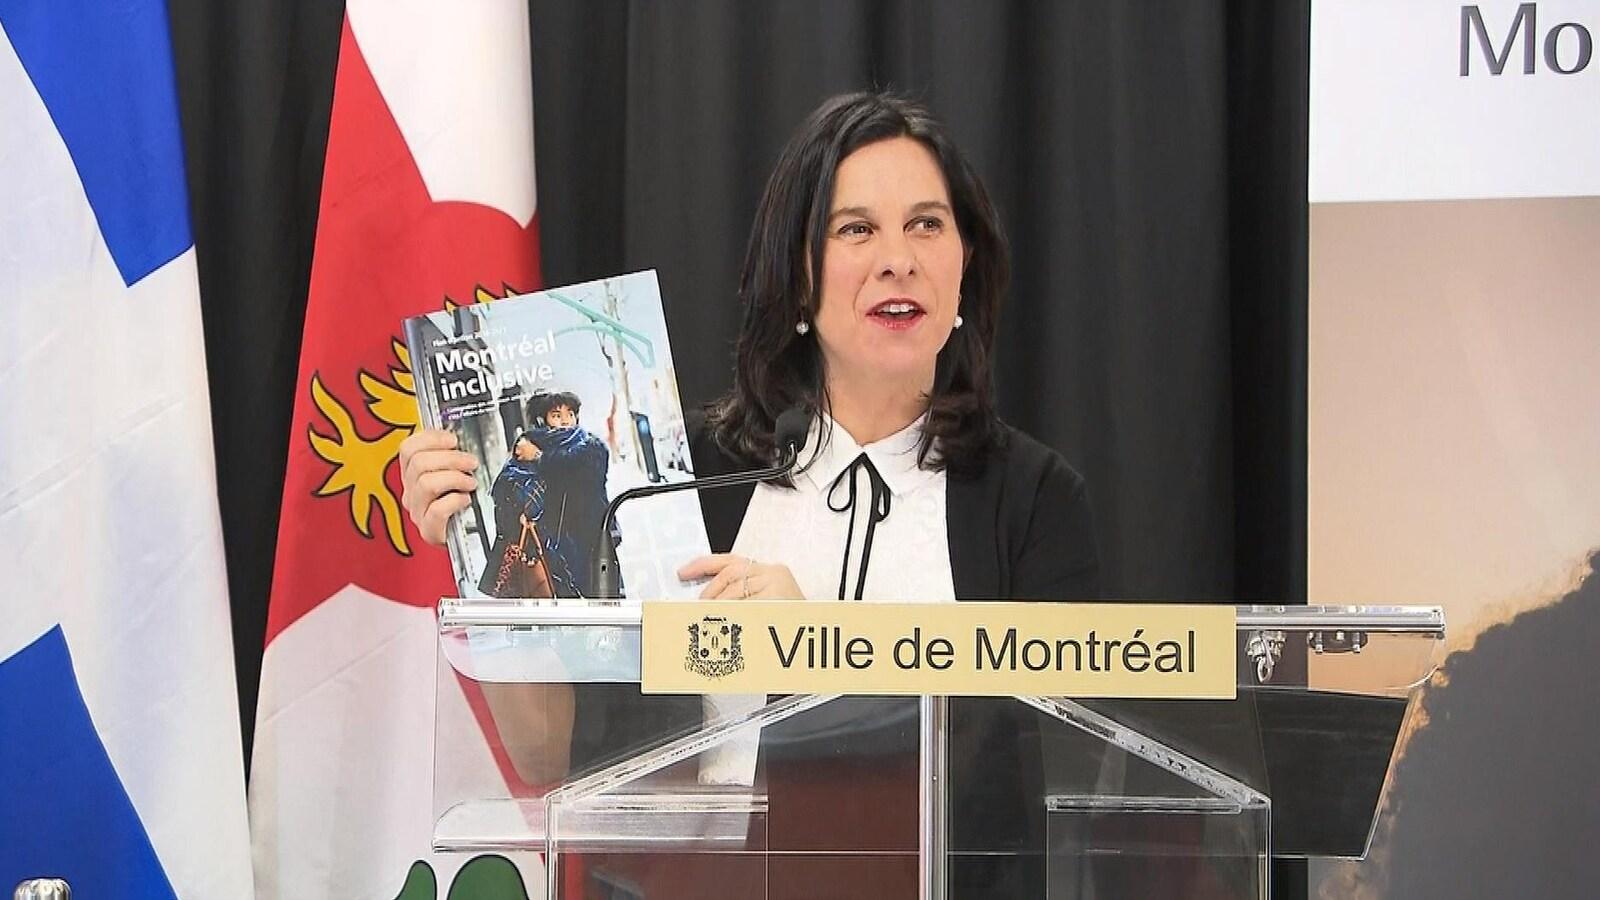 La mairesse présente le document aux journalistes.